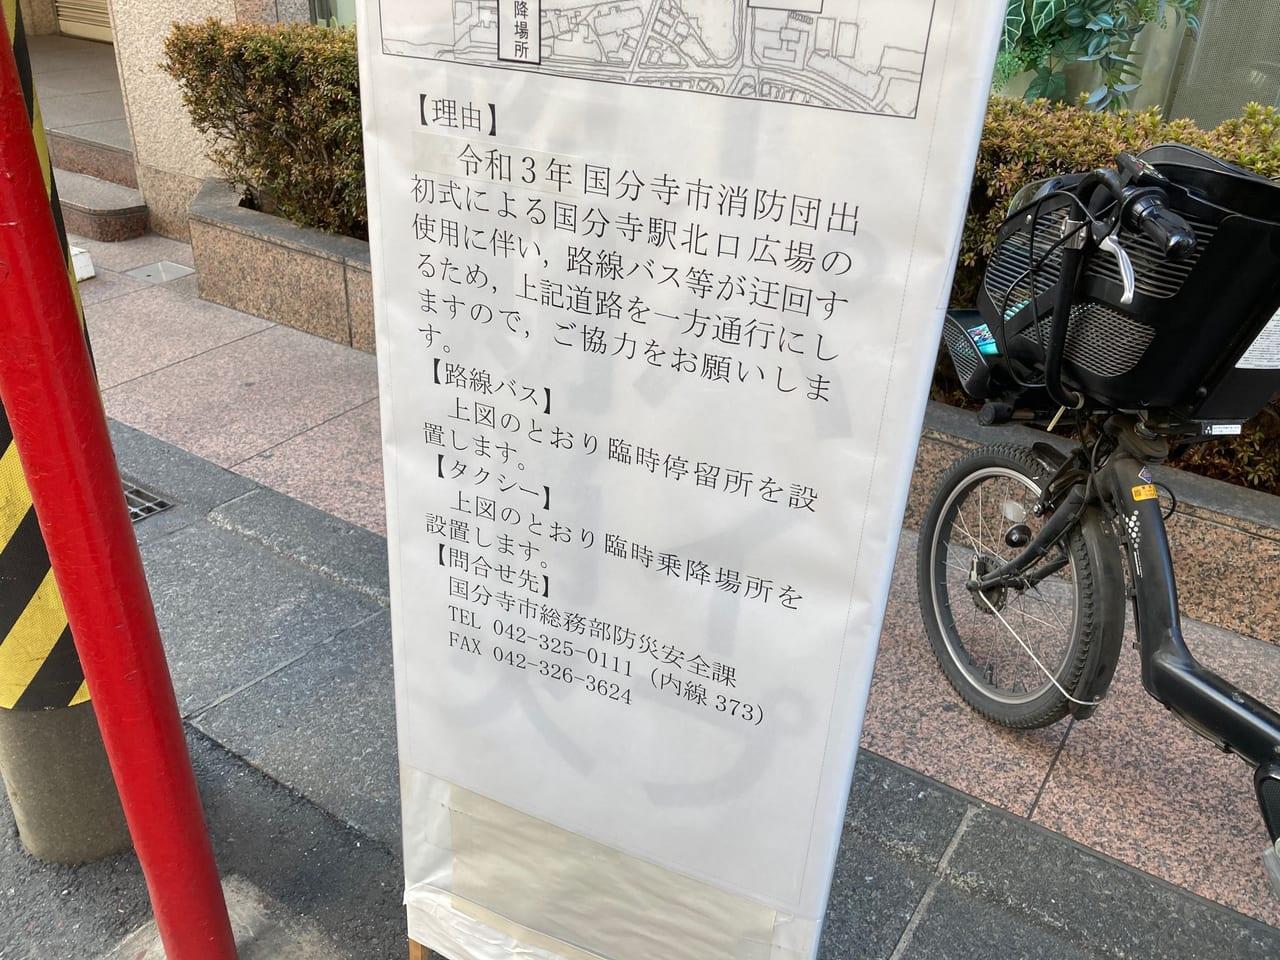 国分寺駅北口駅前広場で1月7日に実施予定だった消防団の出初式は中止になりました。